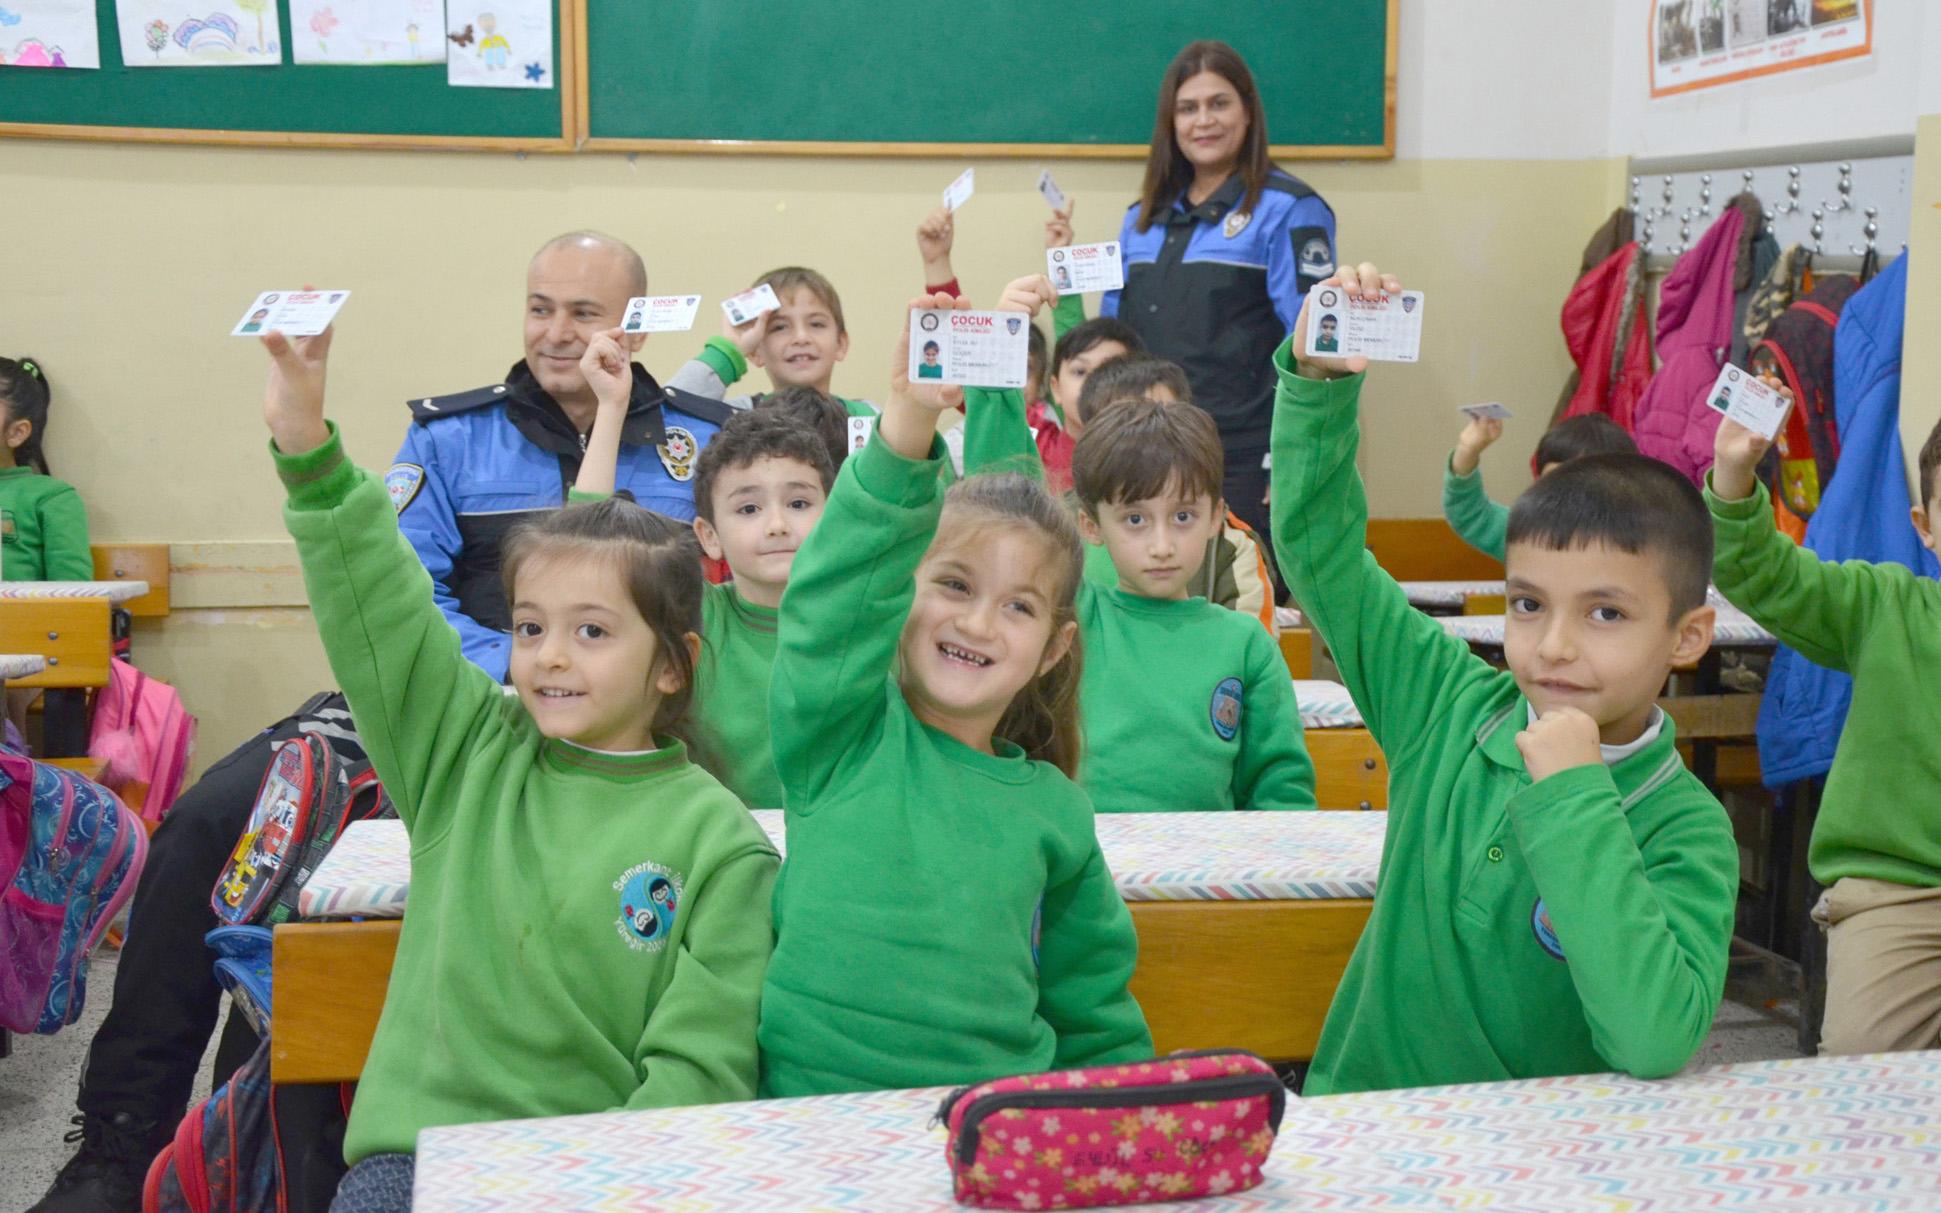 Emniyet, çocukları polis kimlik kartıyla suçlulara karşı uyarıyor